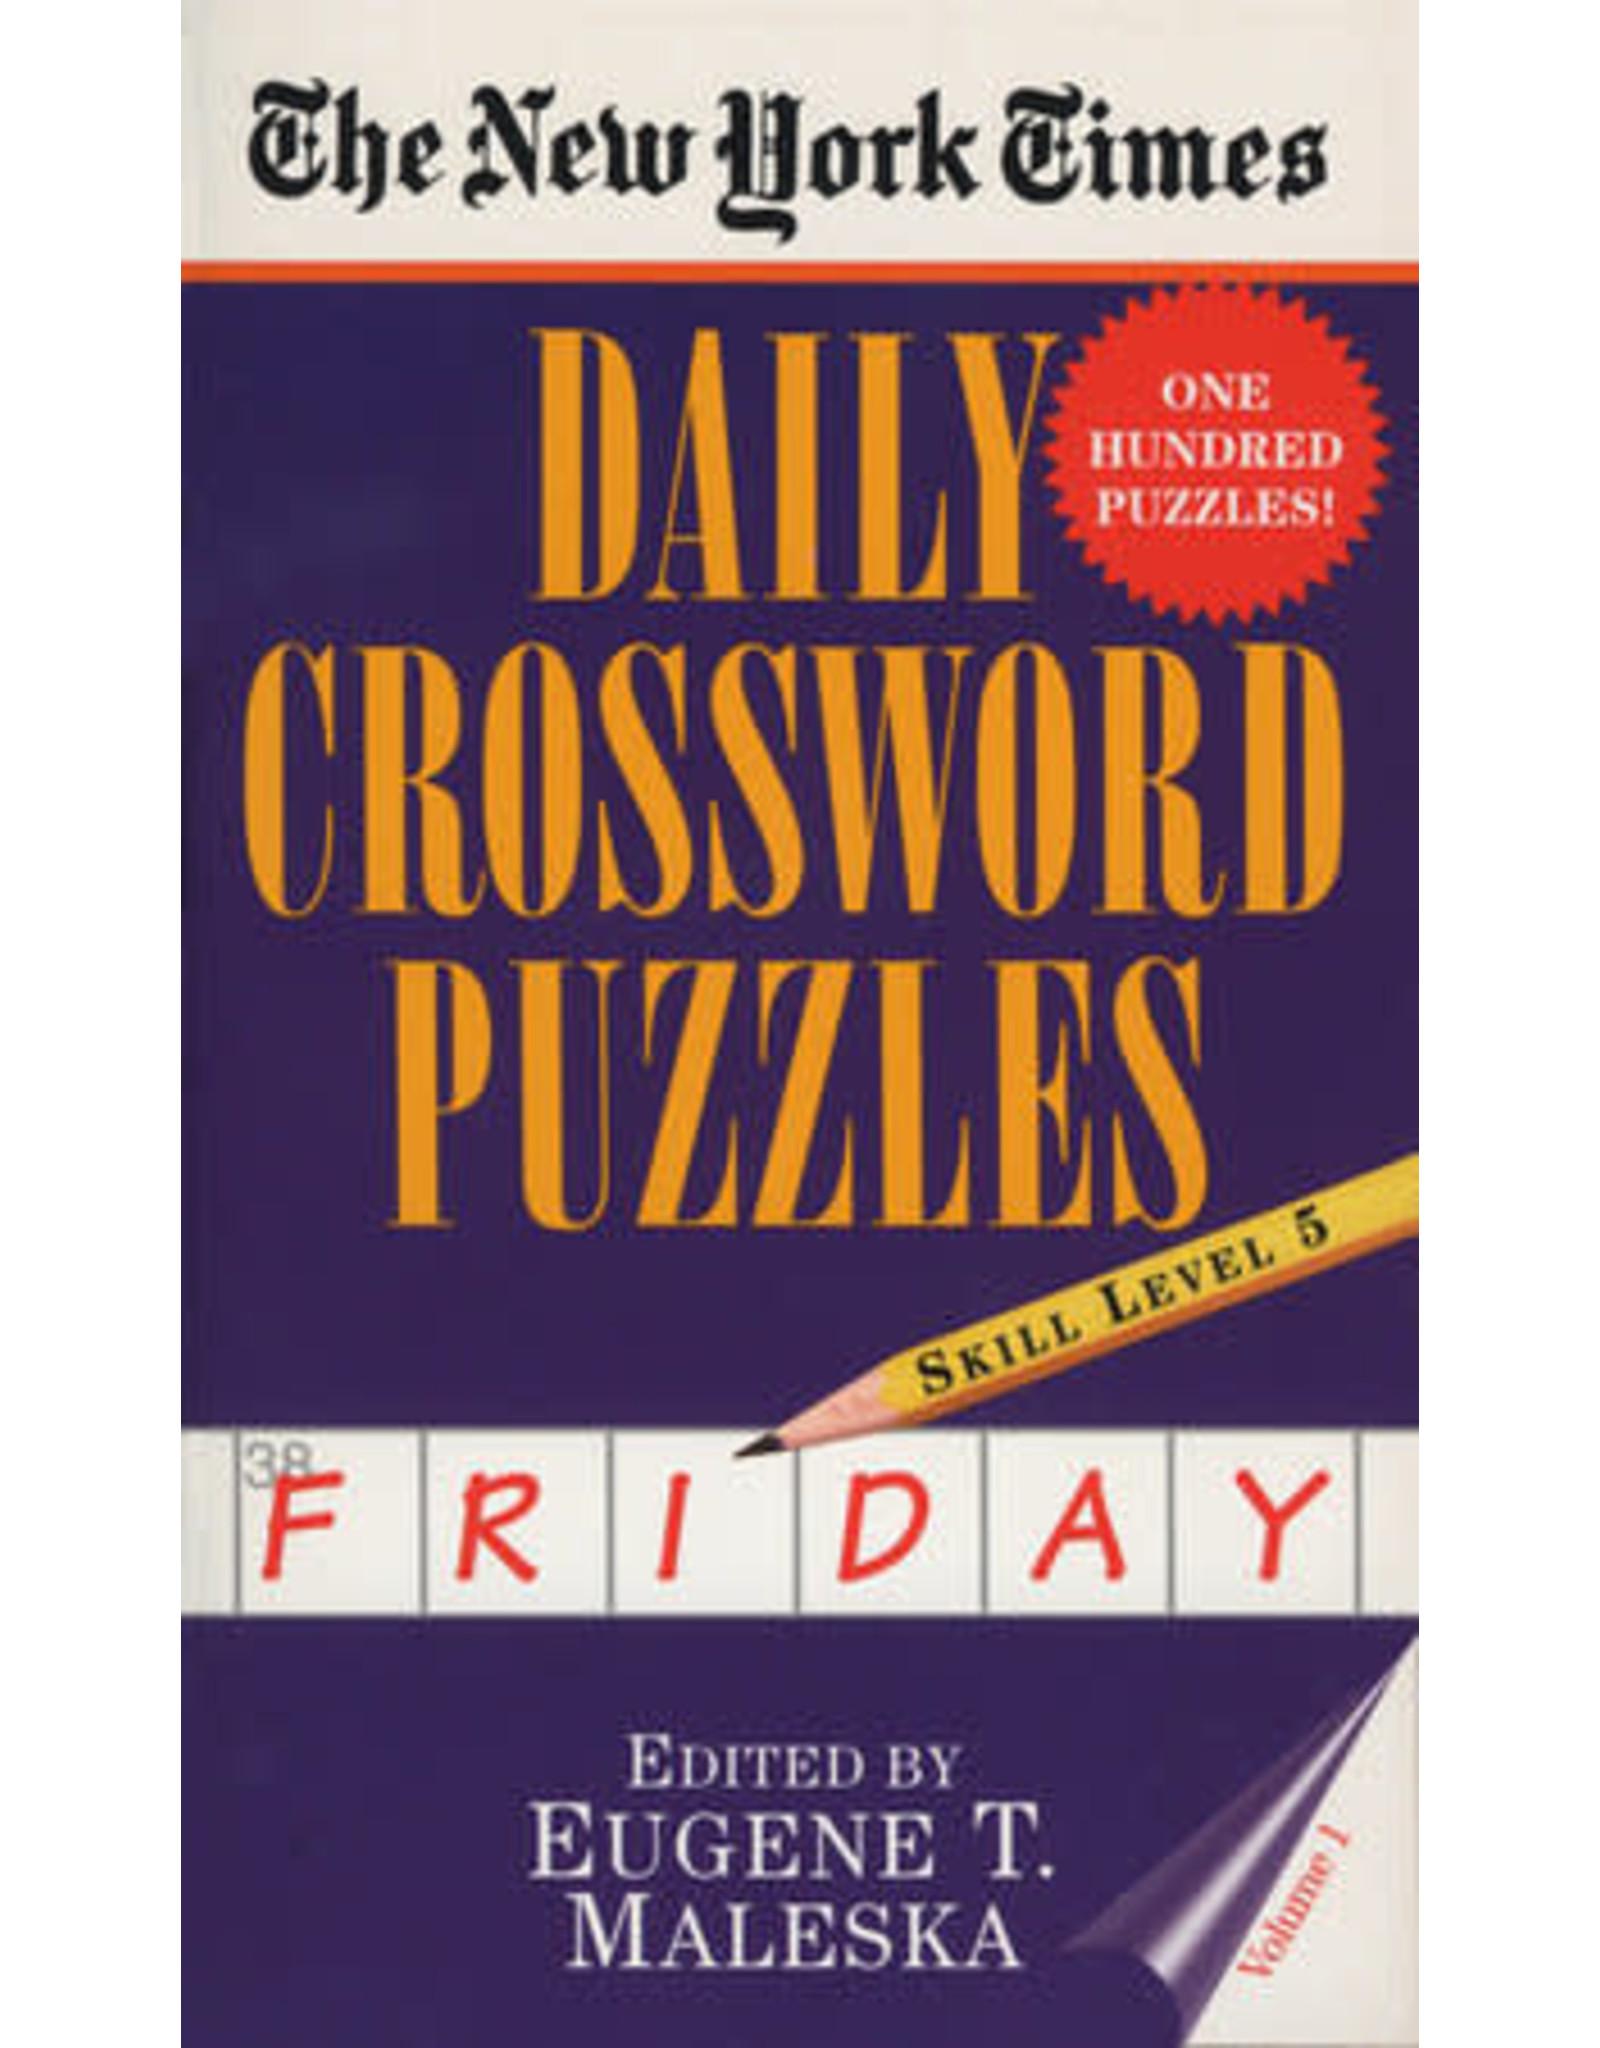 Penguin Random House New York Times: Friday Daily Crosswords